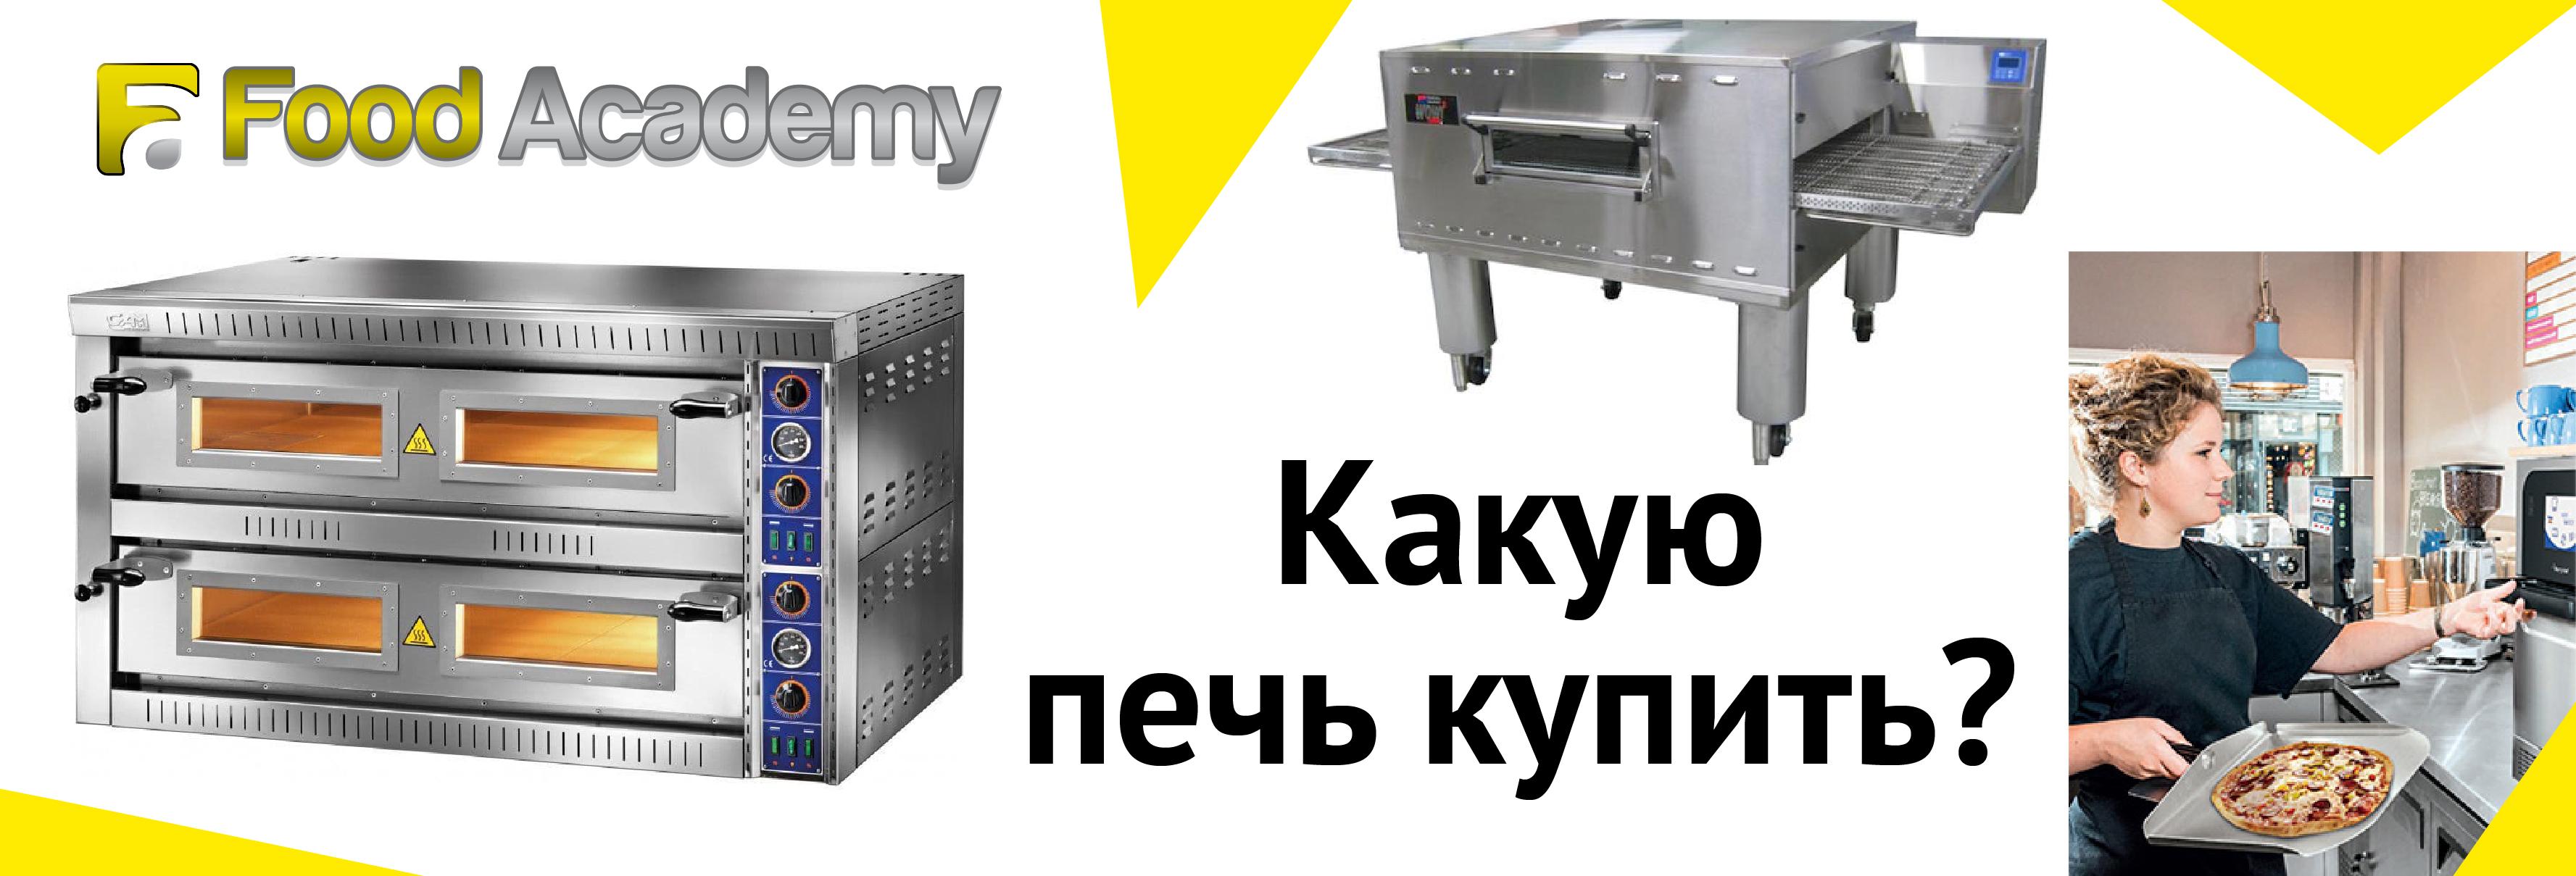 Изображение - Какое оборудование нужно для пиццерии %D0%BF%D0%B8%D1%86%D1%86%D0%B02-03-1